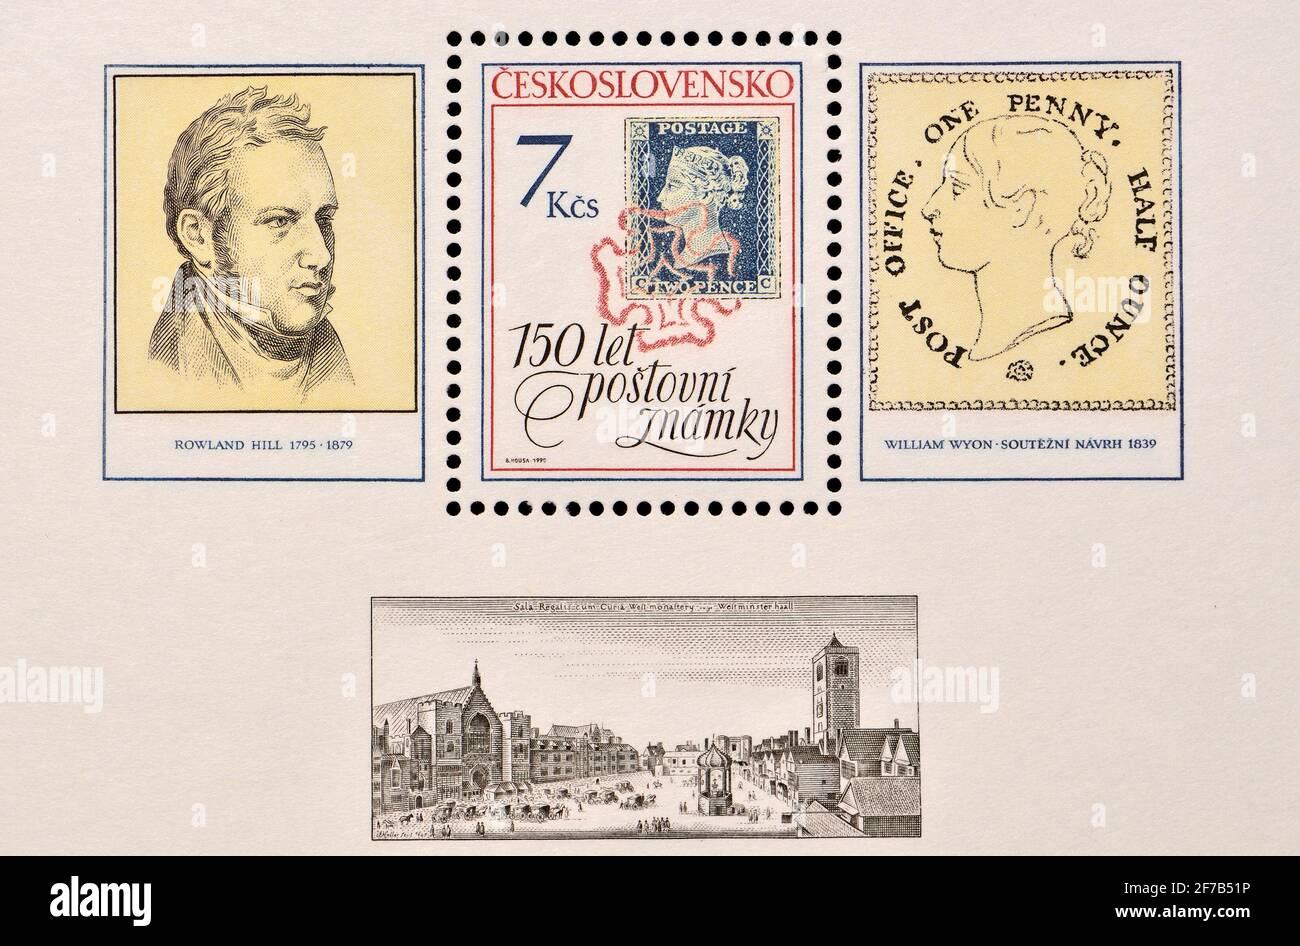 Mini-hoja de sello de franqueo checo (1990): 150 años del sello de postage, mostrando Rowland Hill y el Penny Black Foto de stock